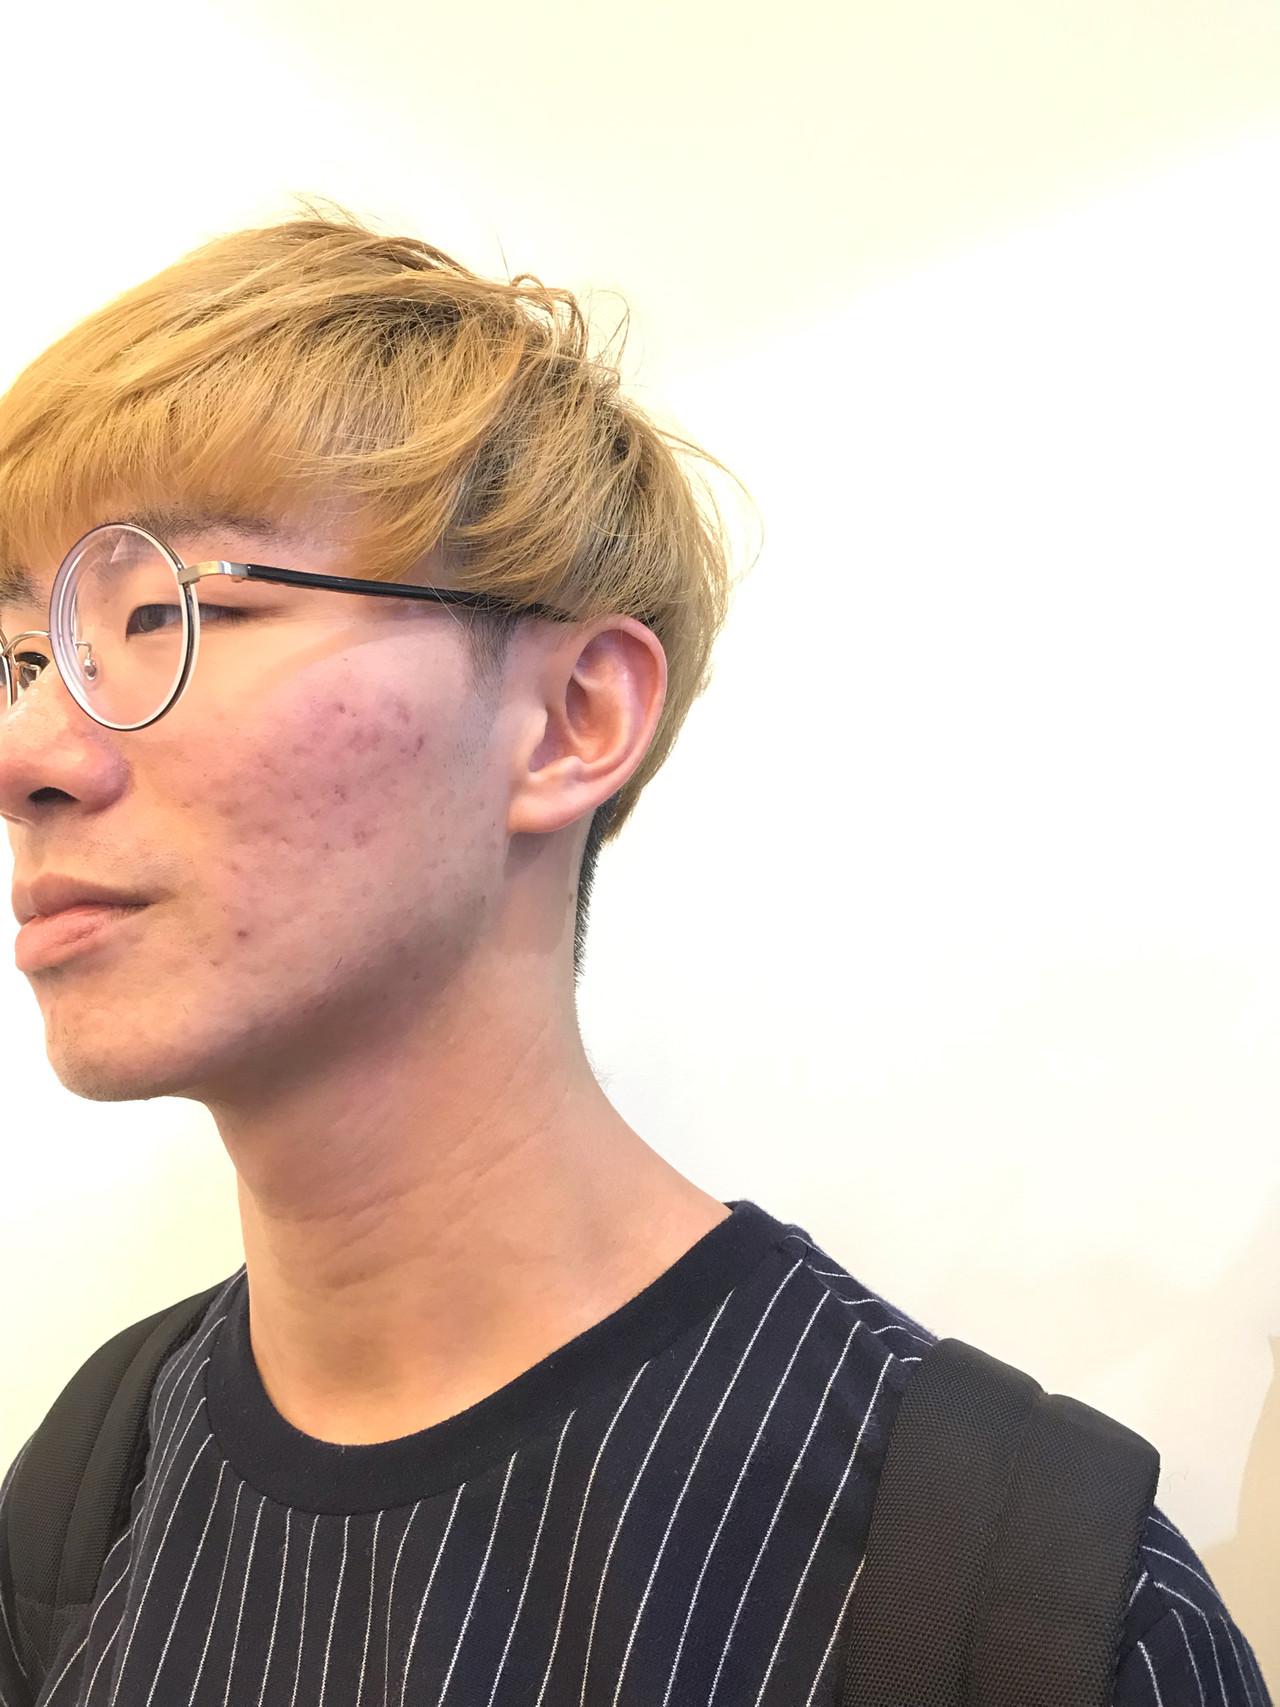 モード メンズ メンズショート メンズヘア ヘアスタイルや髪型の写真・画像 | 飯島 直彬 / SEES HAIR